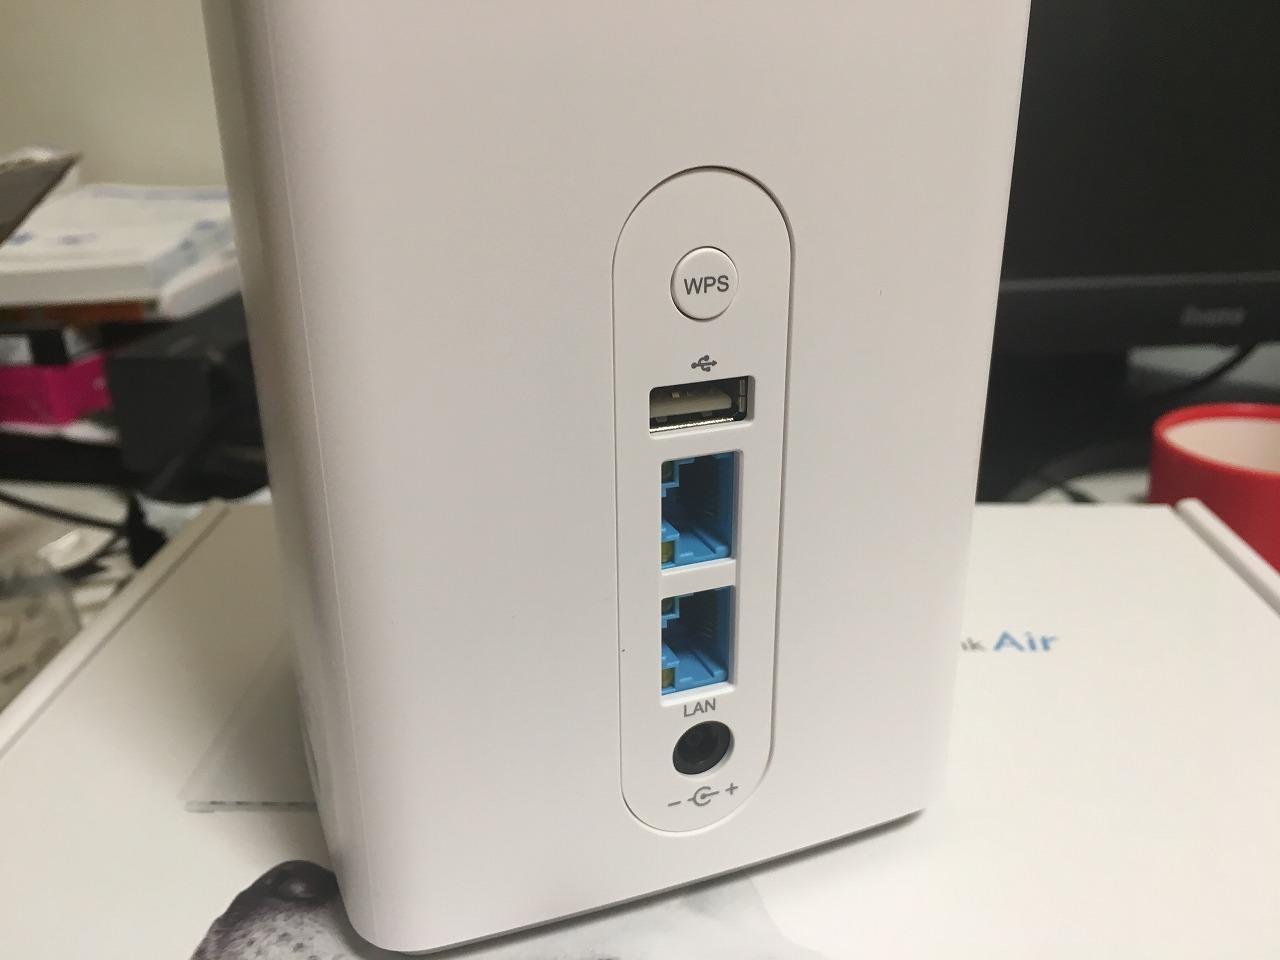 SoftbankAir(ソフトバンクエアー)背面の各種ポート ACアダプターは一番下 有線LANポートは2個ある